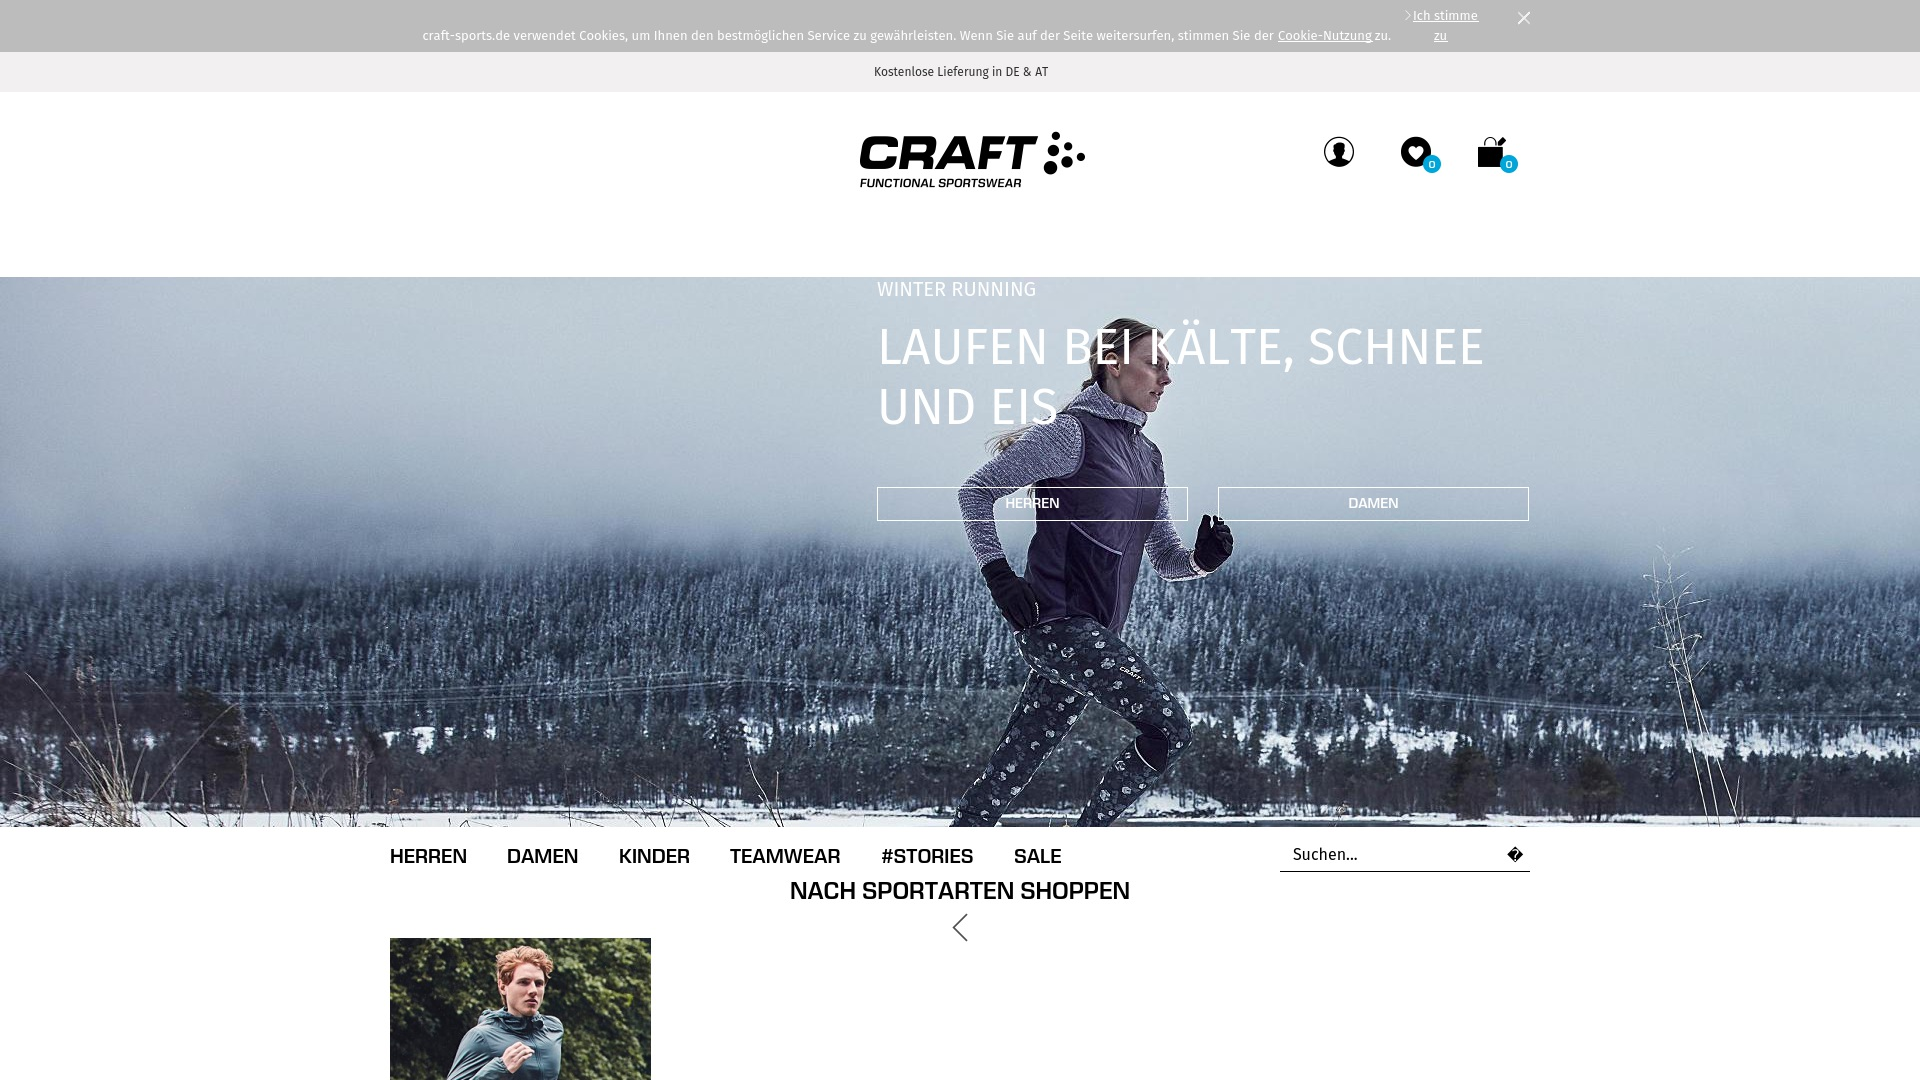 Gutschein für Craft-sports: Rabatte für  Craft-sports sichern